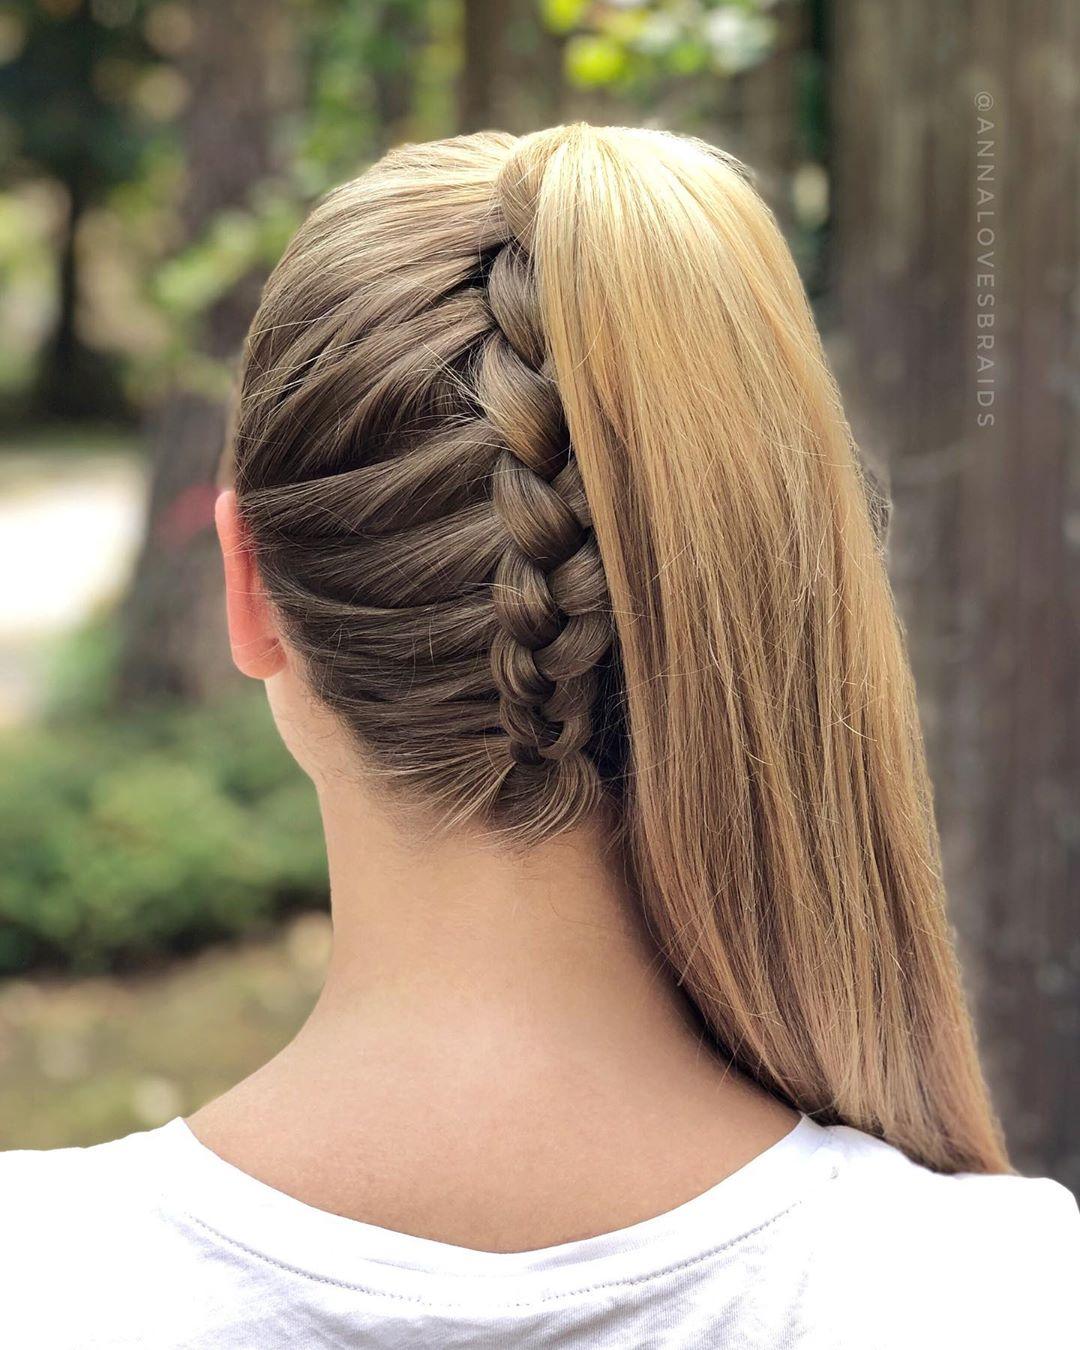 Cómo conseguir un peinados con coletas altas Galería De Tutoriales De Color De Pelo - 15 Peinados con cola de caballo que harás en 15 minutos